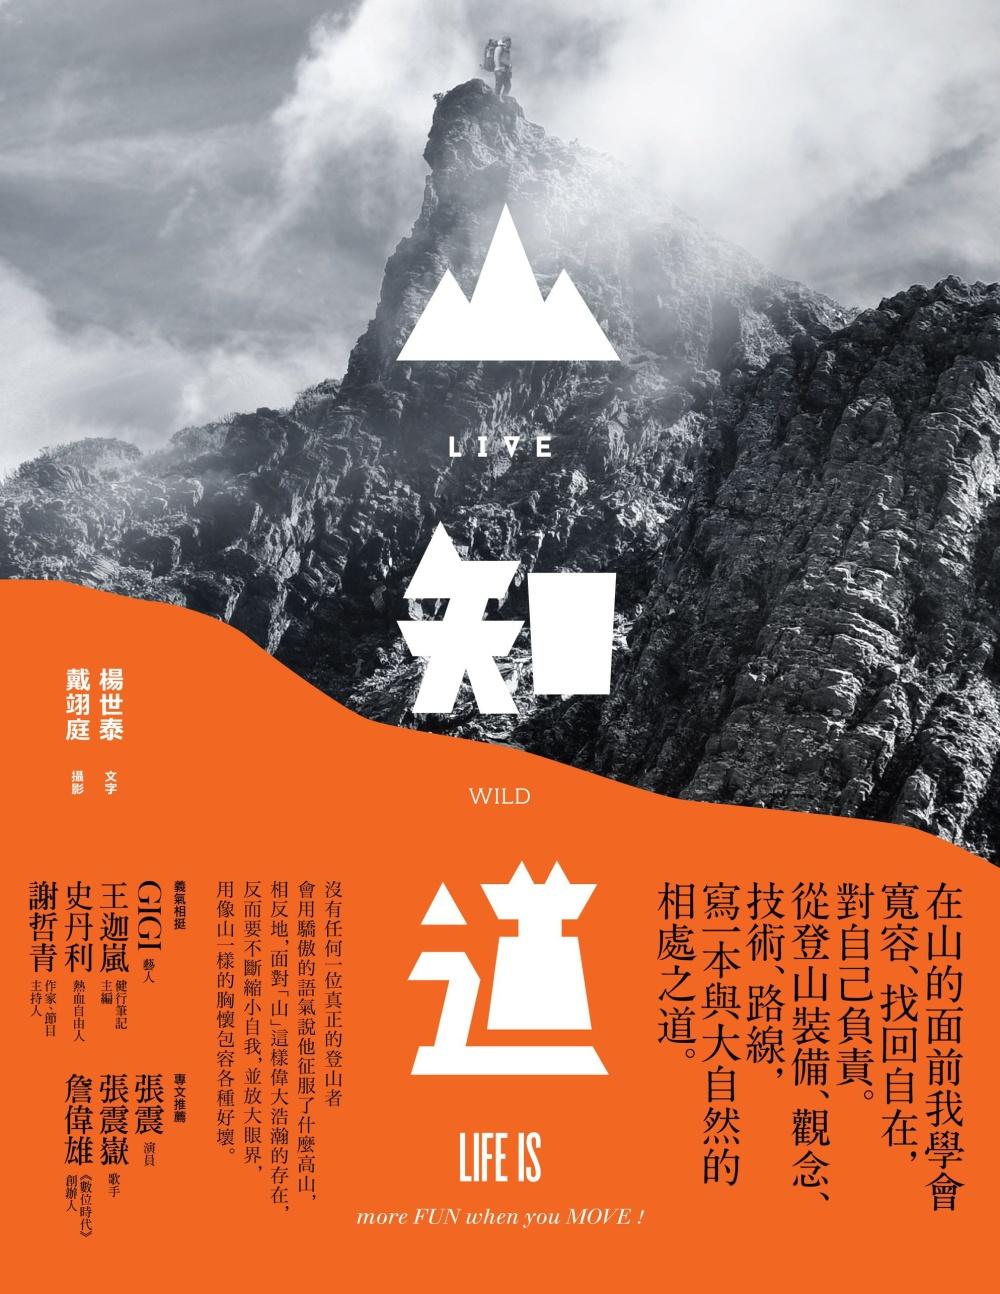 LIVE WILD山知道:在山的面前我學會寬容、找回自在,對自己負責。從登山裝備、觀念、技術、路線,寫一本與大自然的相處之道